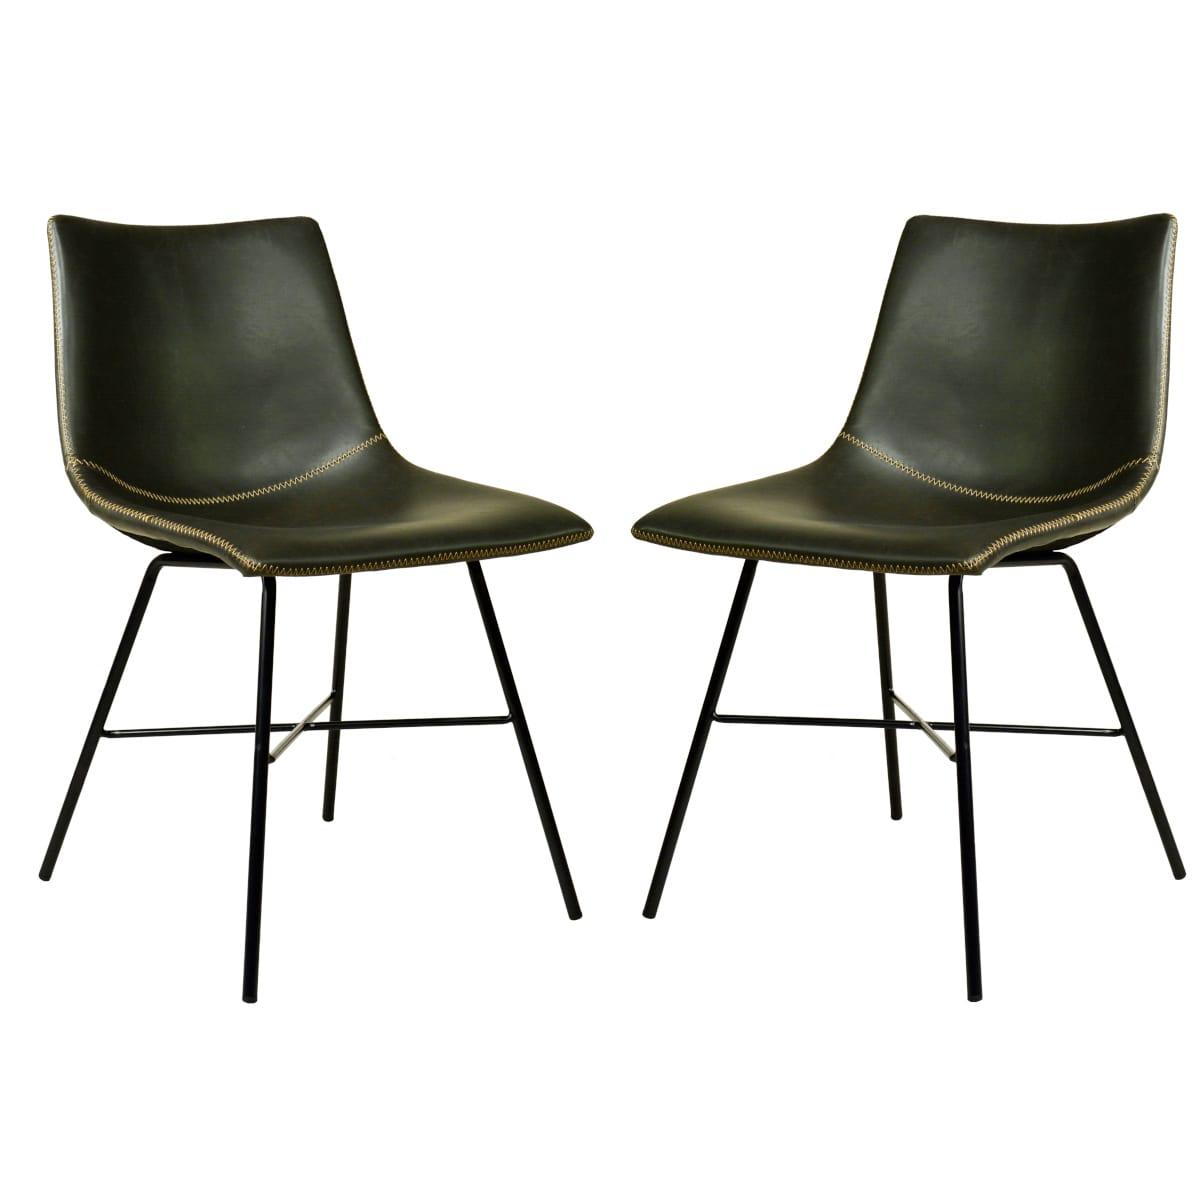 Stuhl anthrazit gepolstert Metallgestell